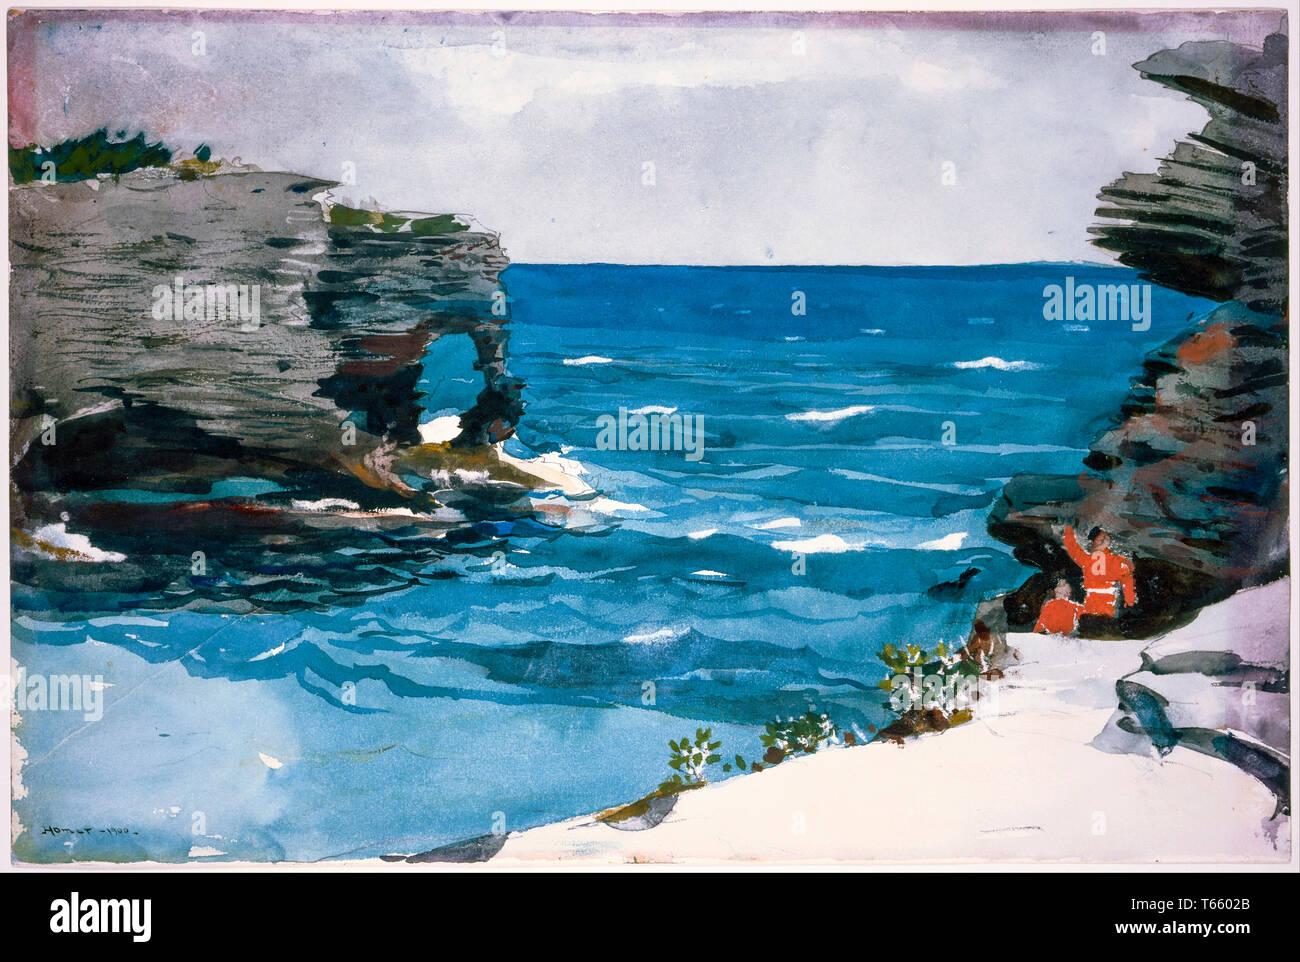 Winslow Homer, spiaggia rocciosa, Bermuda, pittura, 1900 Immagini Stock